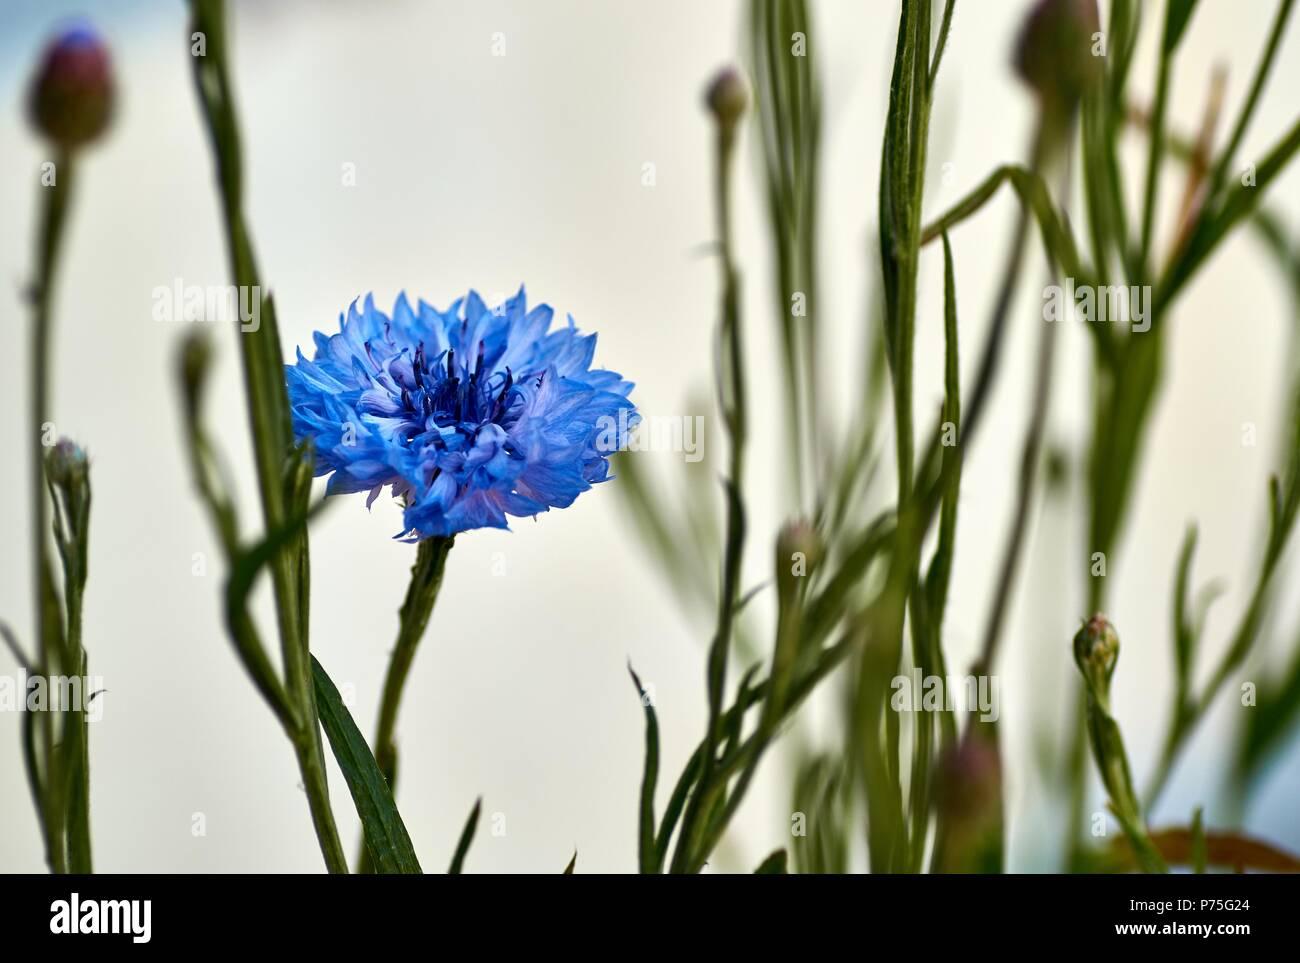 Golden Everlasting Flowers Or Strawflowers For Background Stock